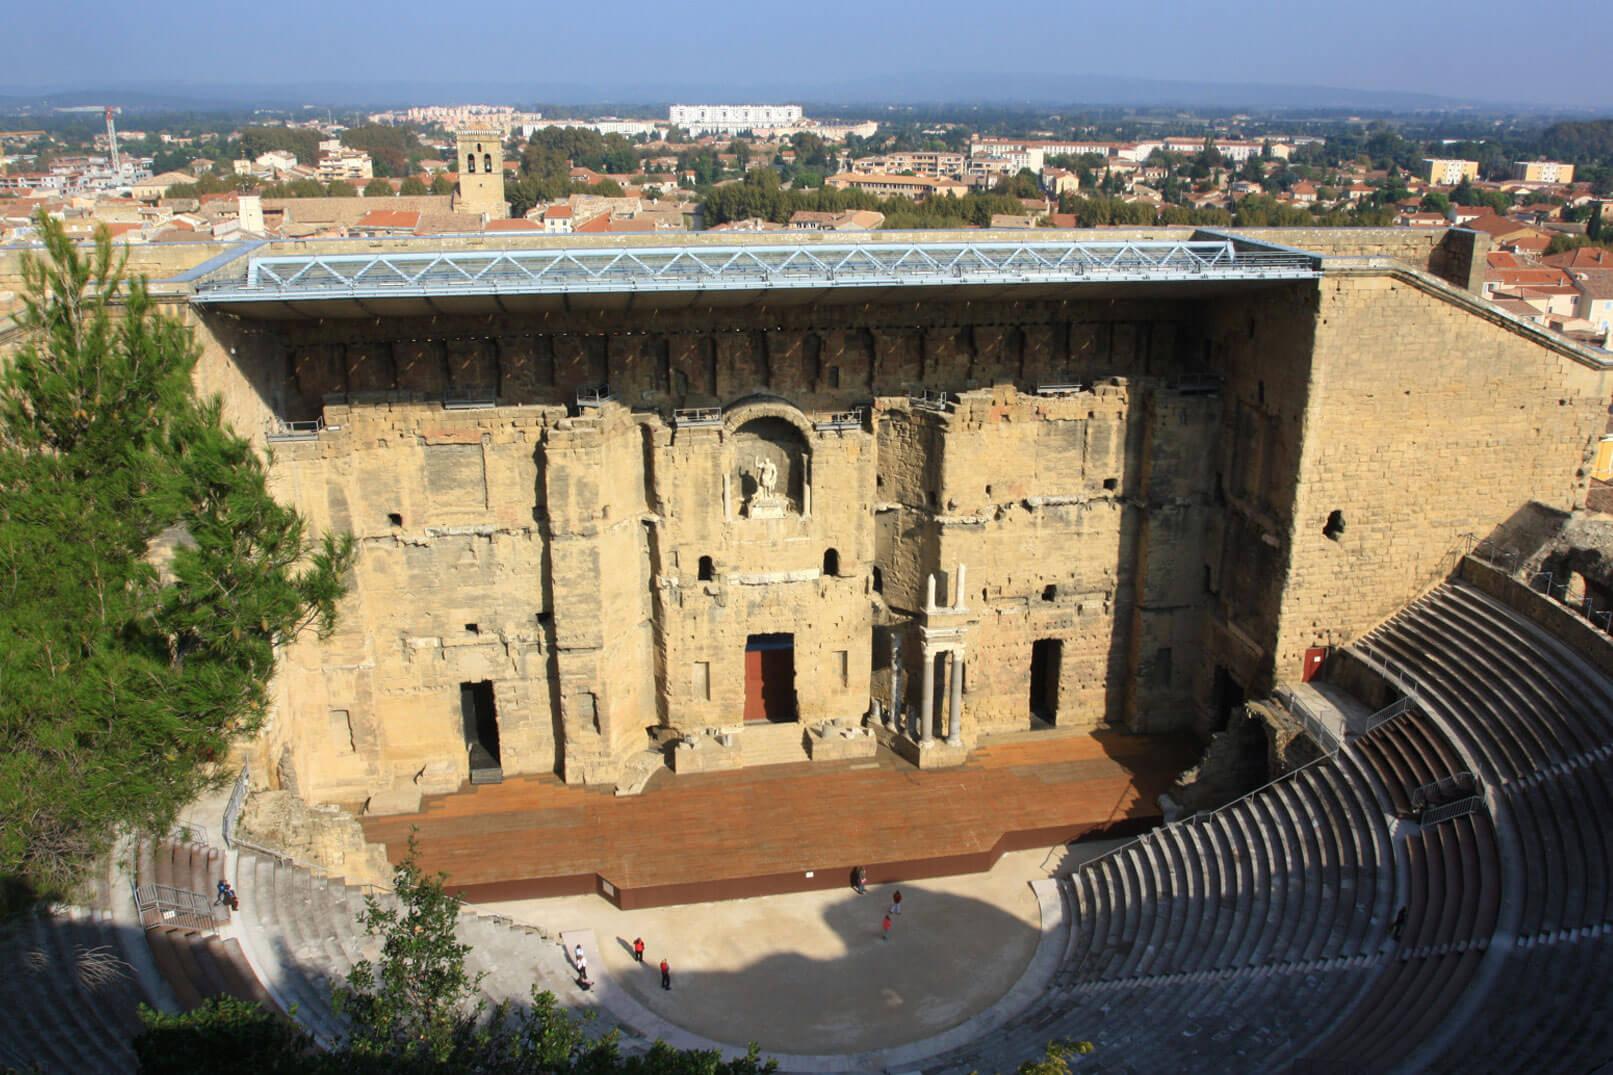 Remains of the Roman era in Vaucluse @ Hocquel